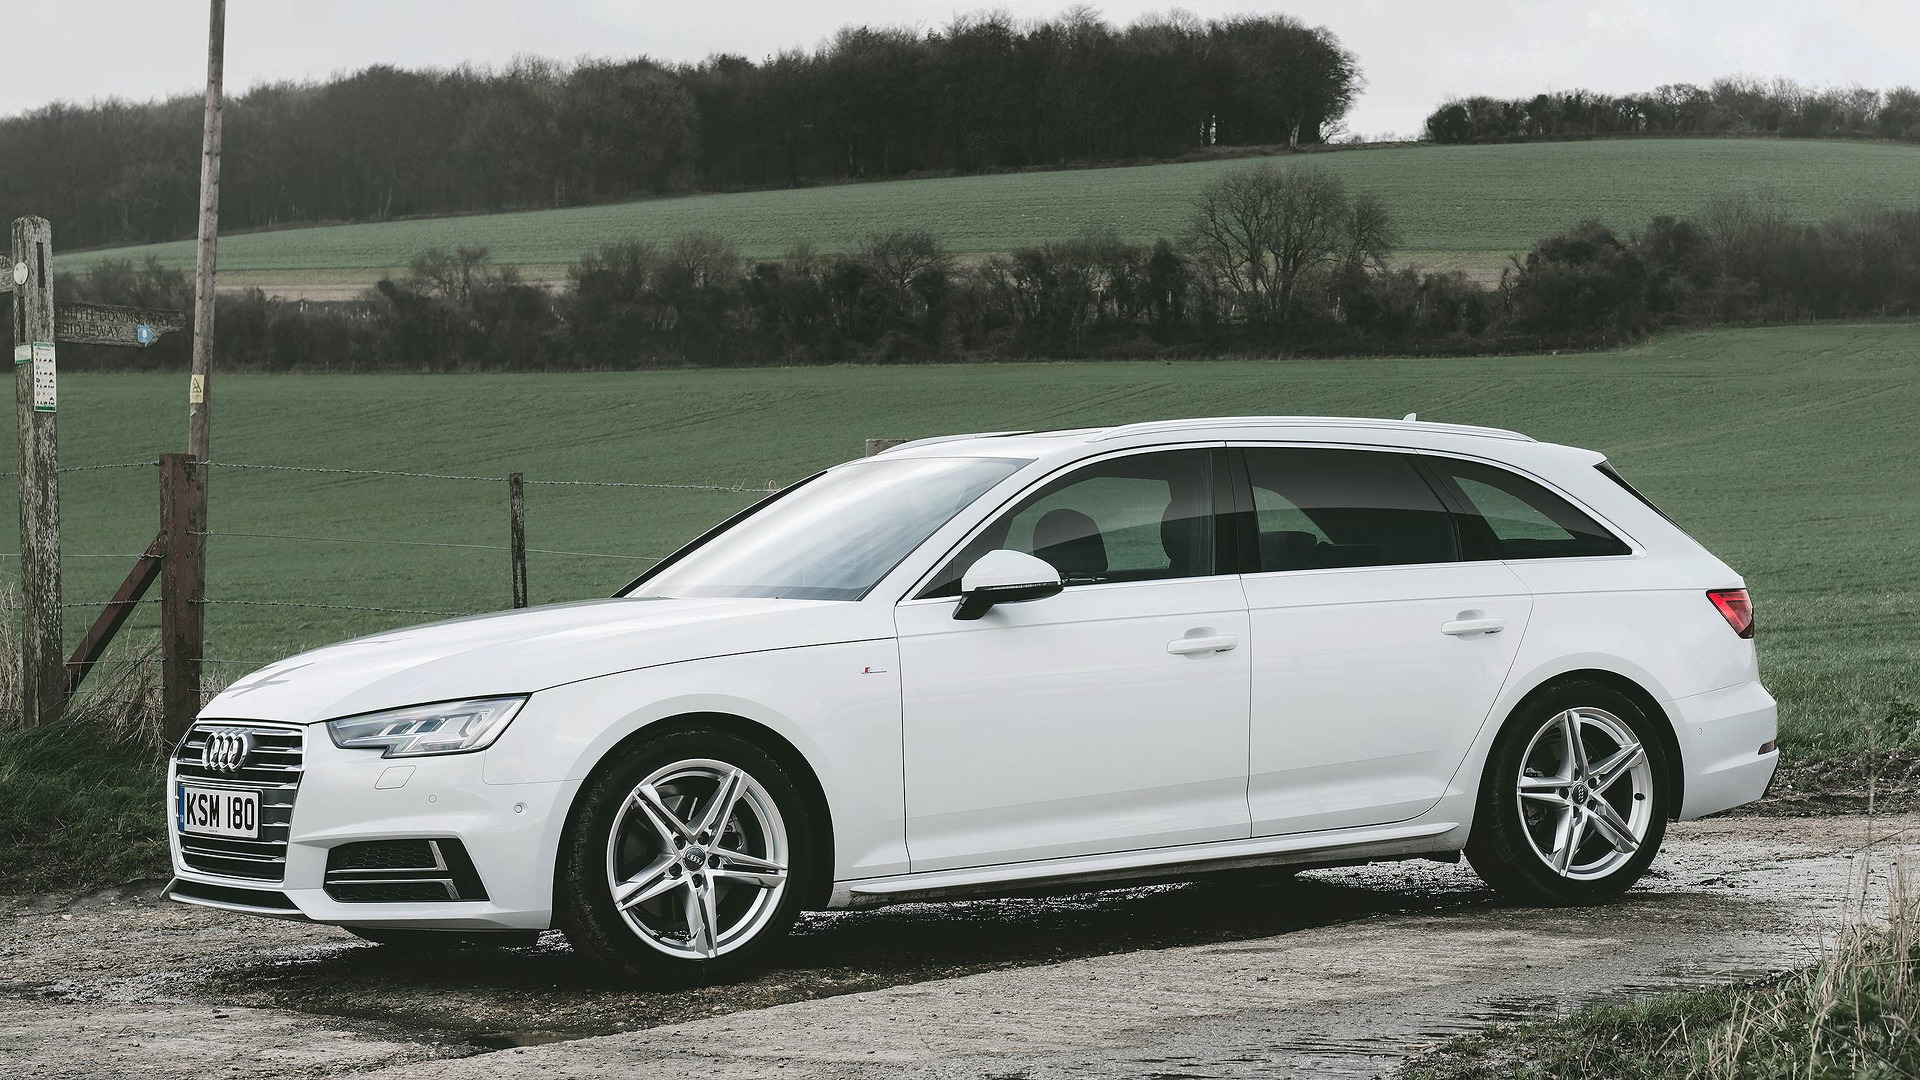 Kelebihan Audi Avant A4 Review